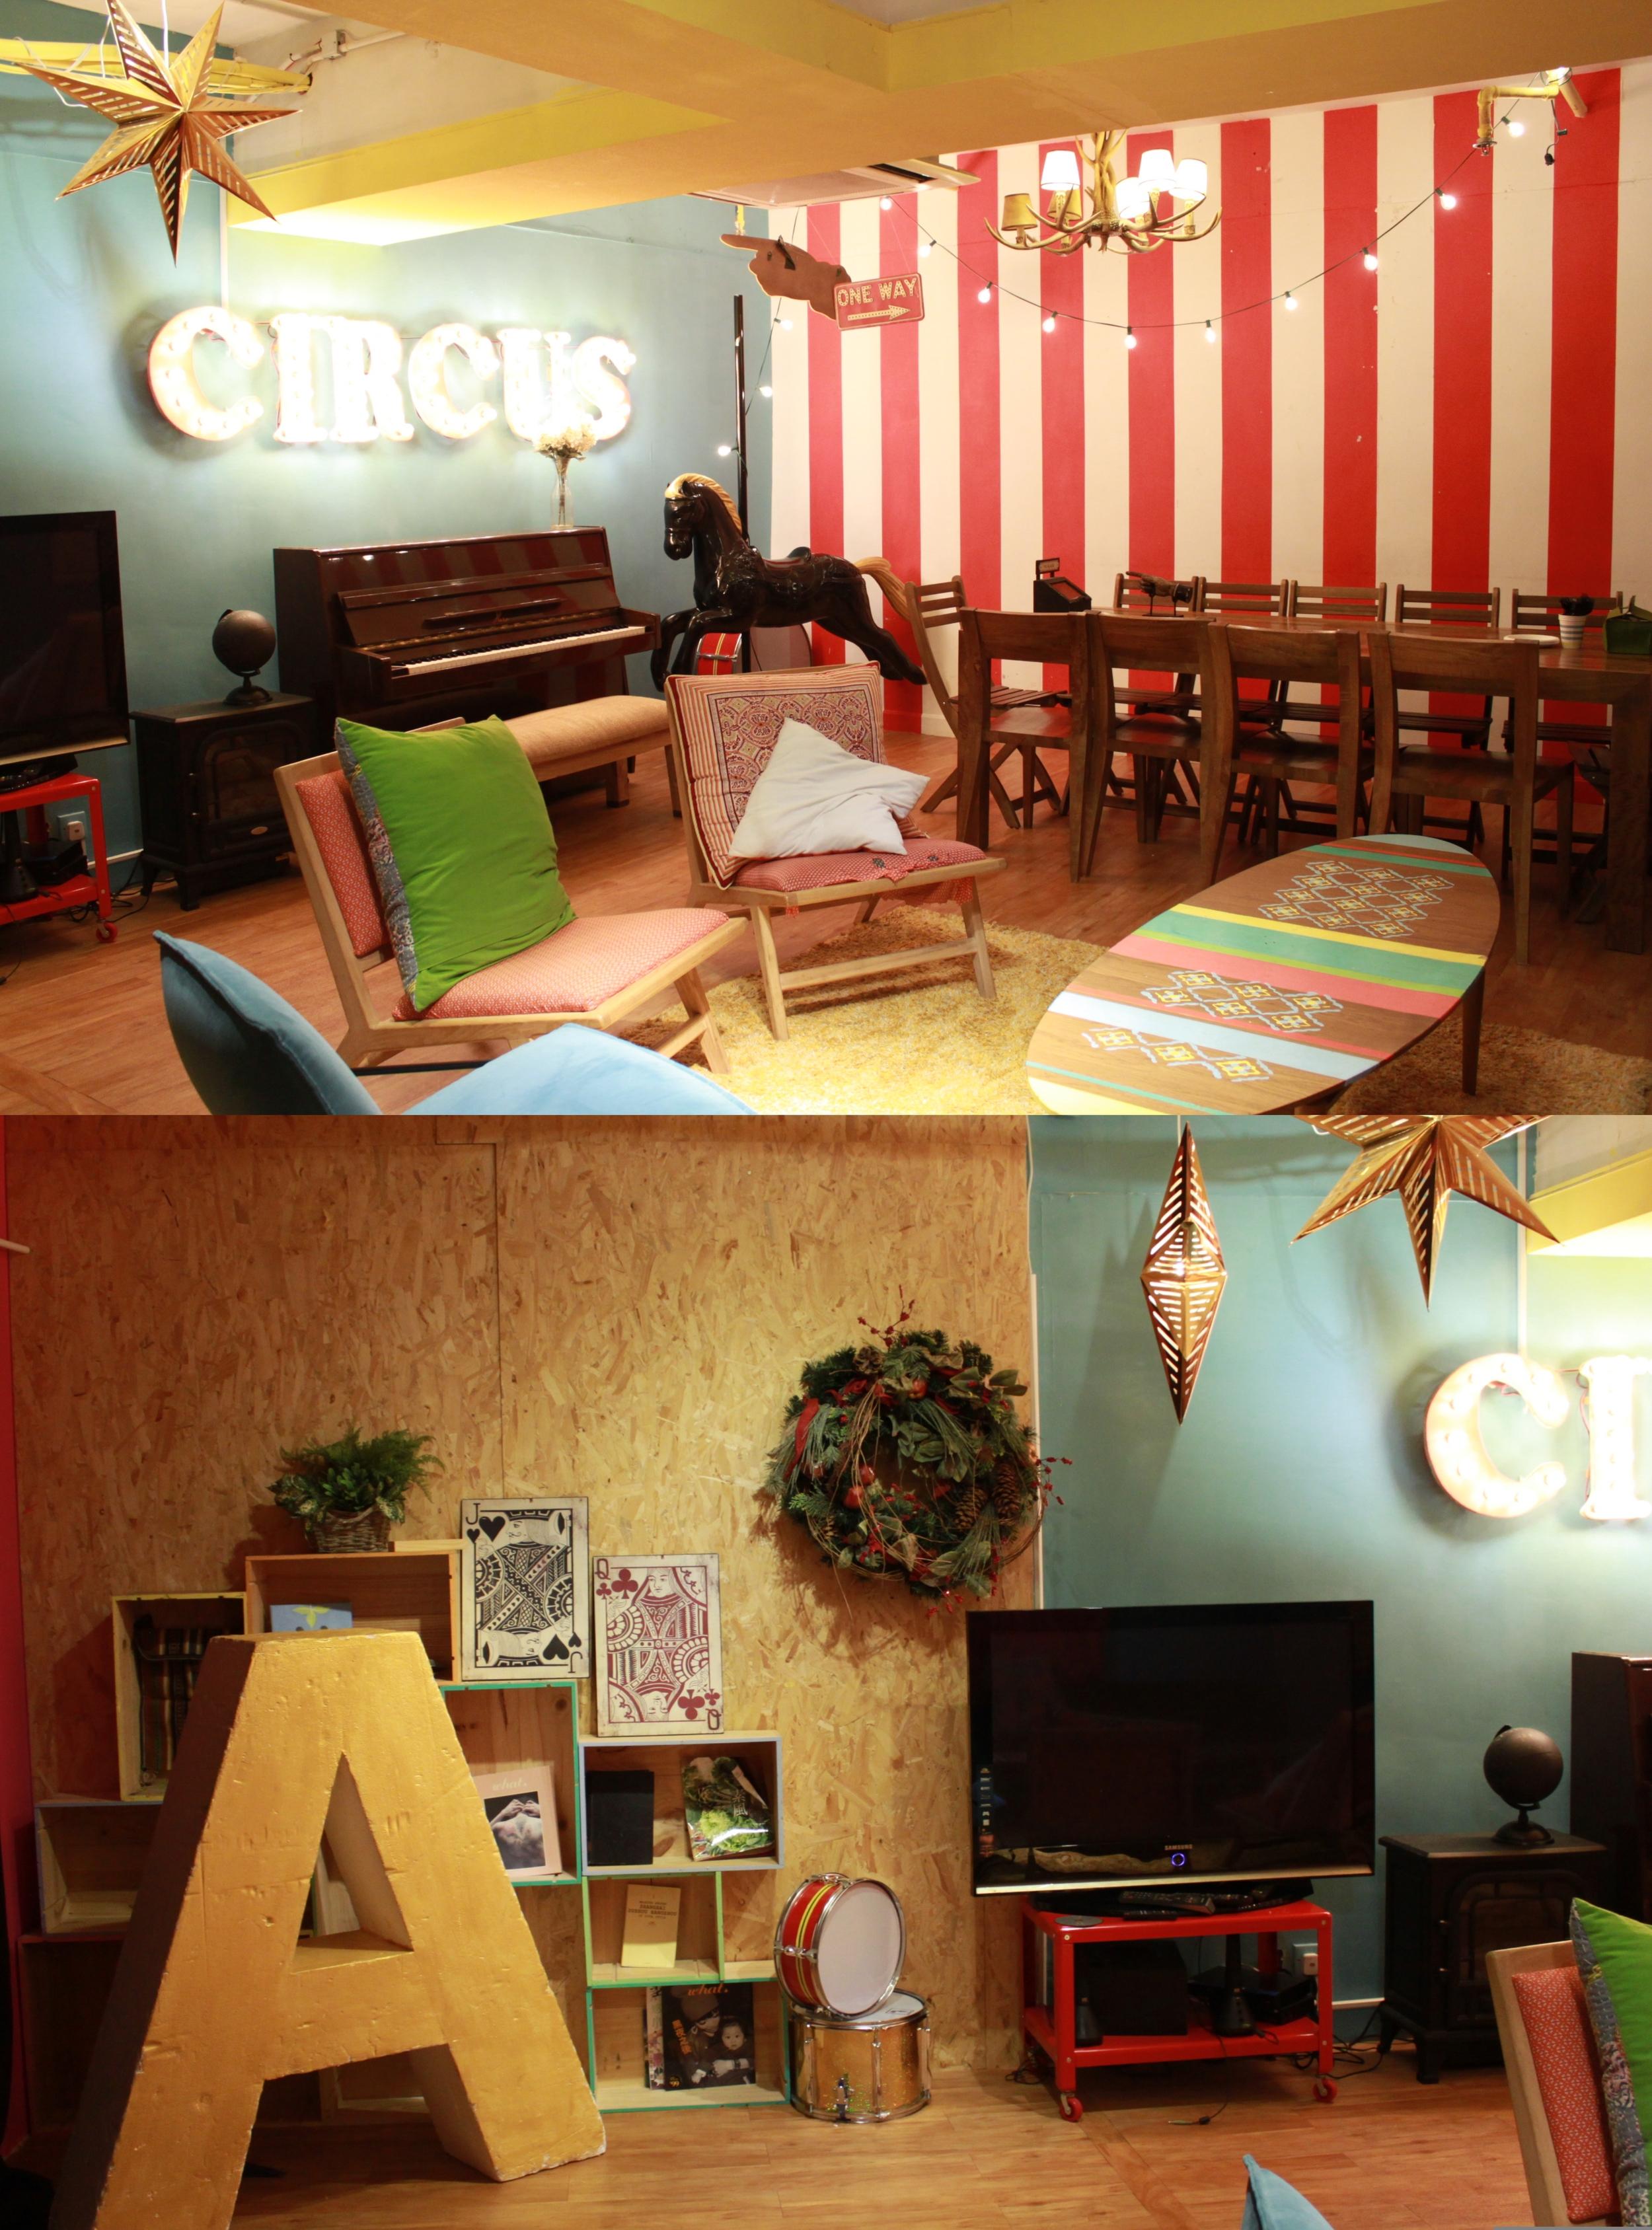 Venue: Hide n' Seek (Circus Room)